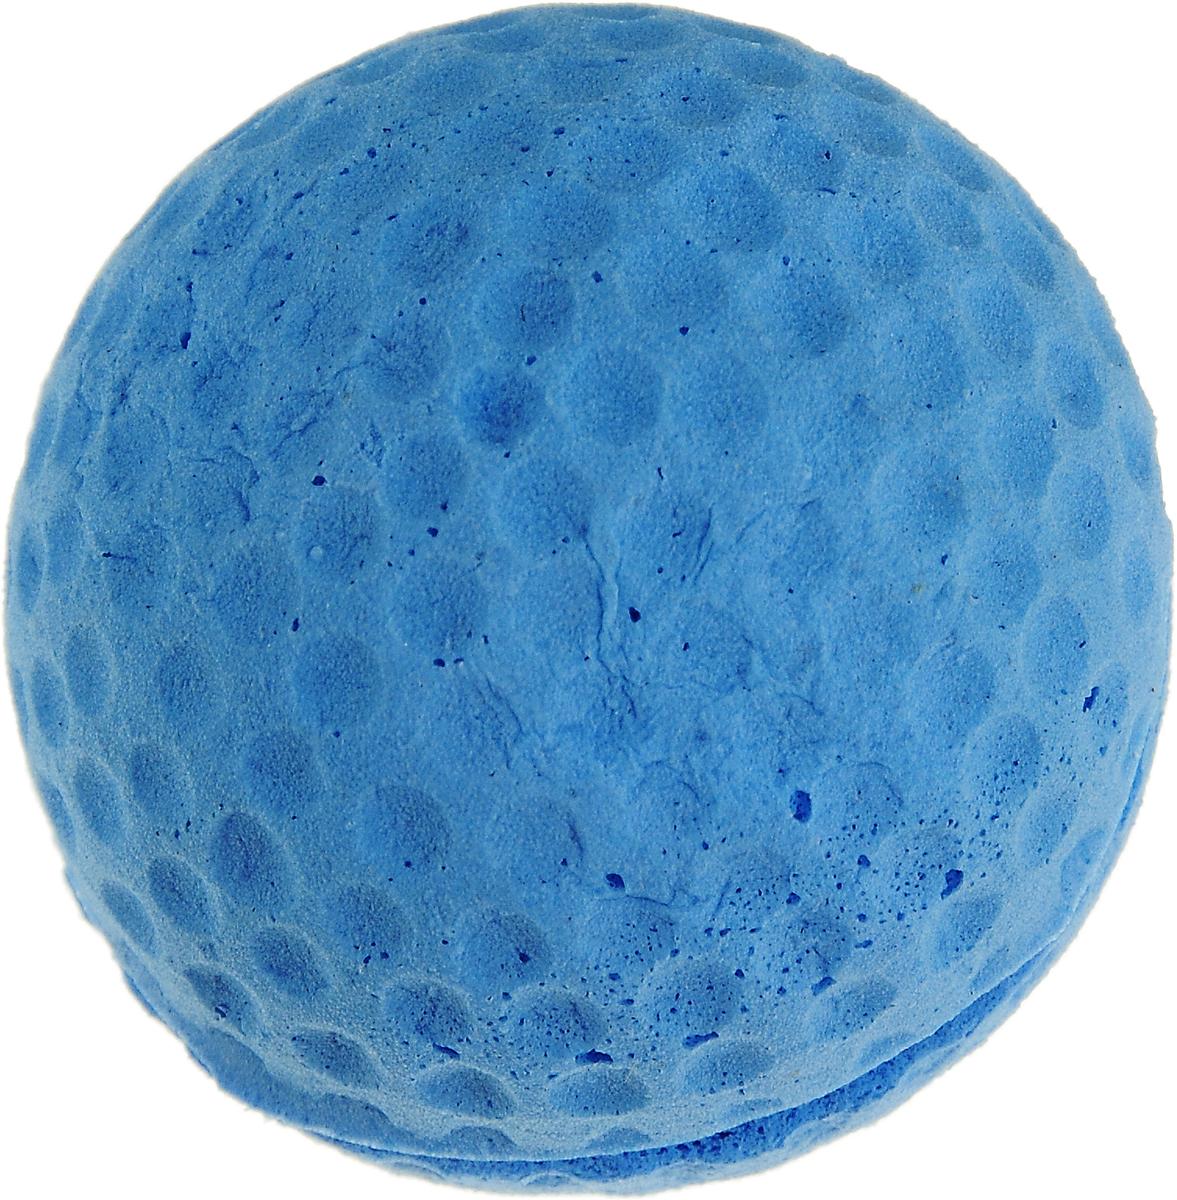 Игрушка для животных Каскад Мячик зефирный. Гольф, цвет: голубой, диаметр 4 см27799306_голубойМягкая игрушка для животных Каскад Мячик зефирный. Гольф изготовлена из вспененного полимера. Такая игрушка порадует вашего любимца, а вам доставит массу приятных эмоций, ведь наблюдать за игрой всегда интересно и приятно. Диаметр игрушки: 4 см.